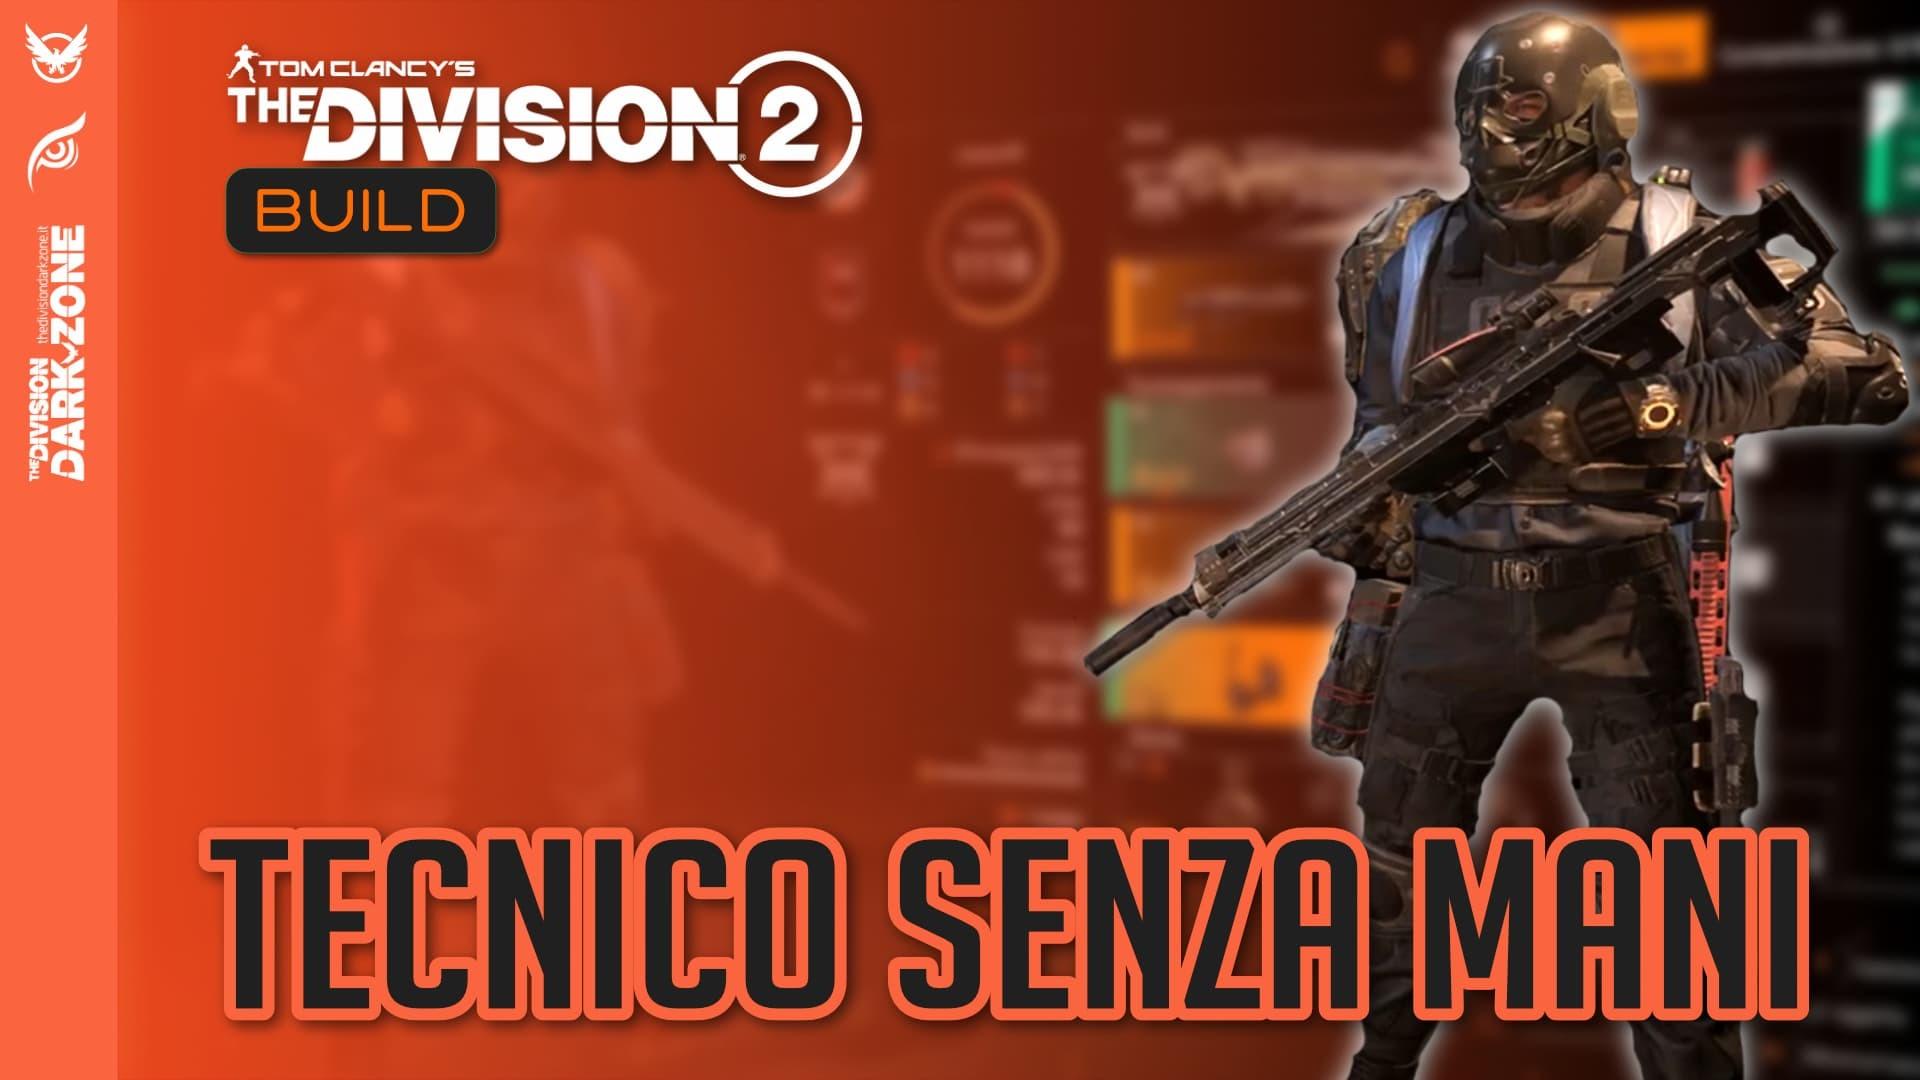 Build tecnico senza mani - the division 2